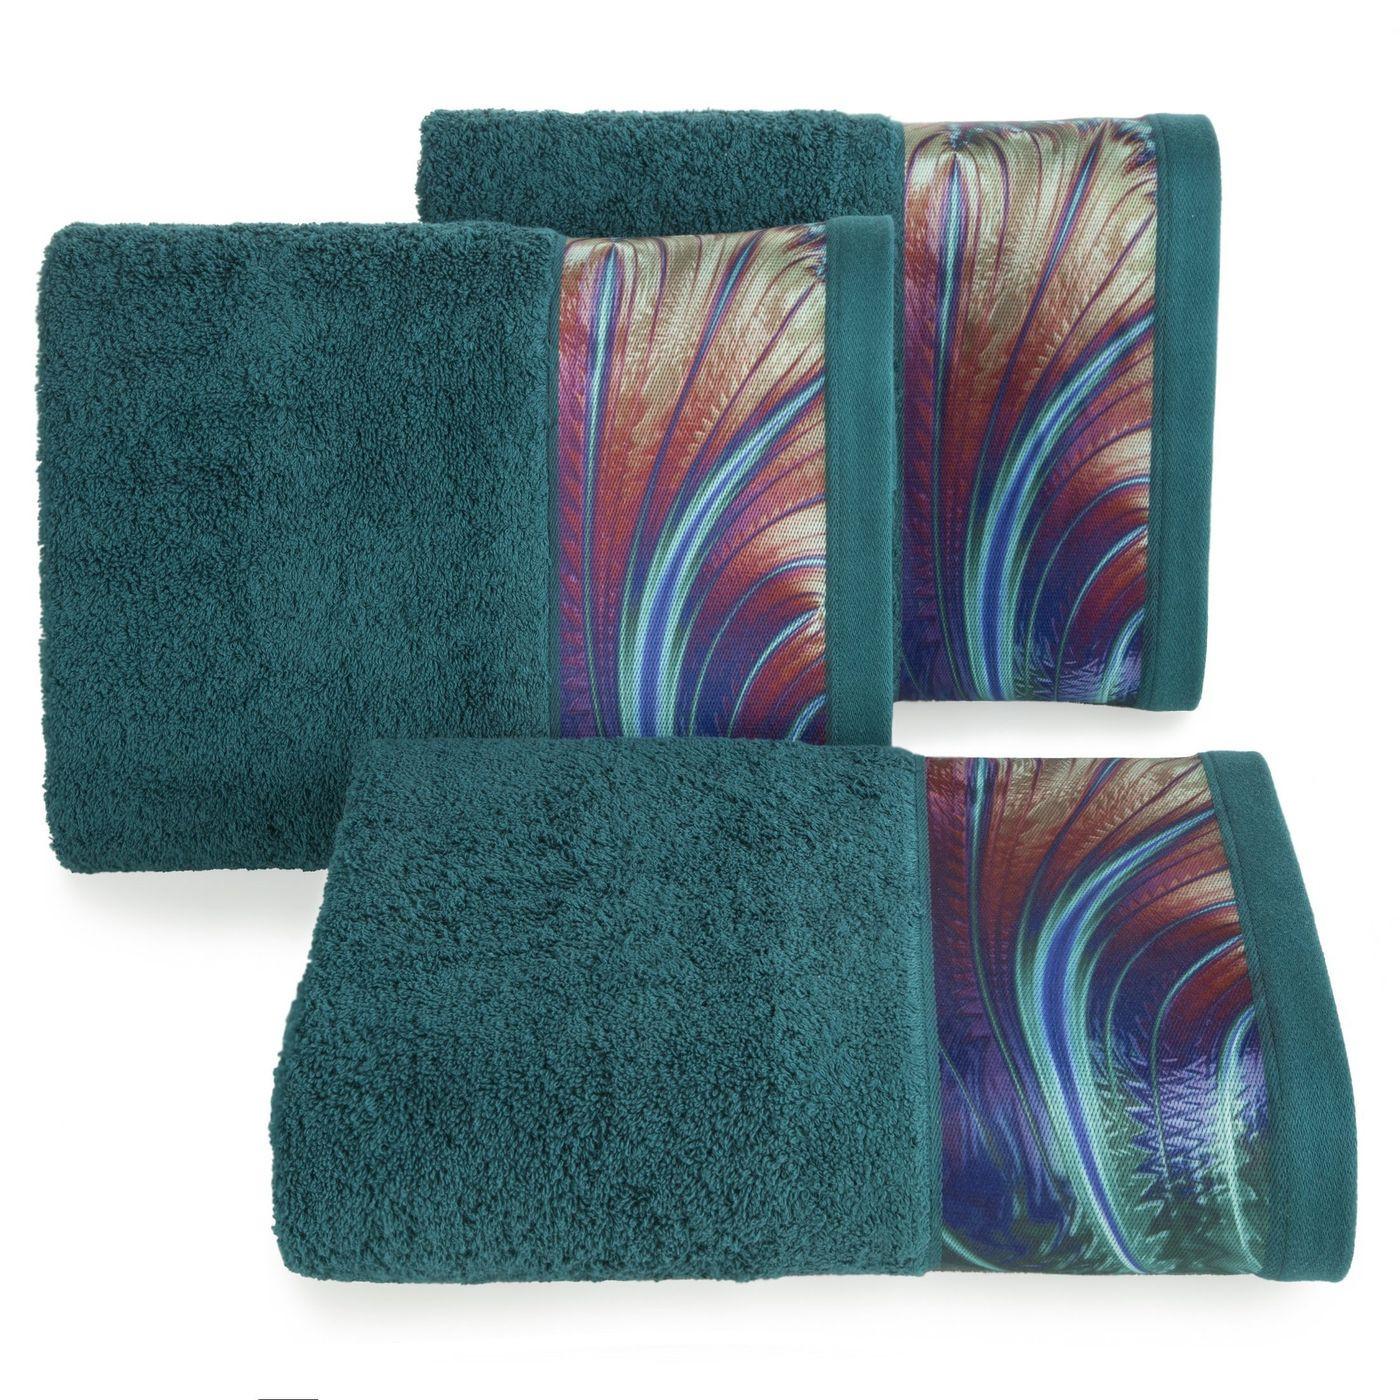 Turkusowy ręcznik kąpielowy - mój wybór Eva Minge - 50x90 cm